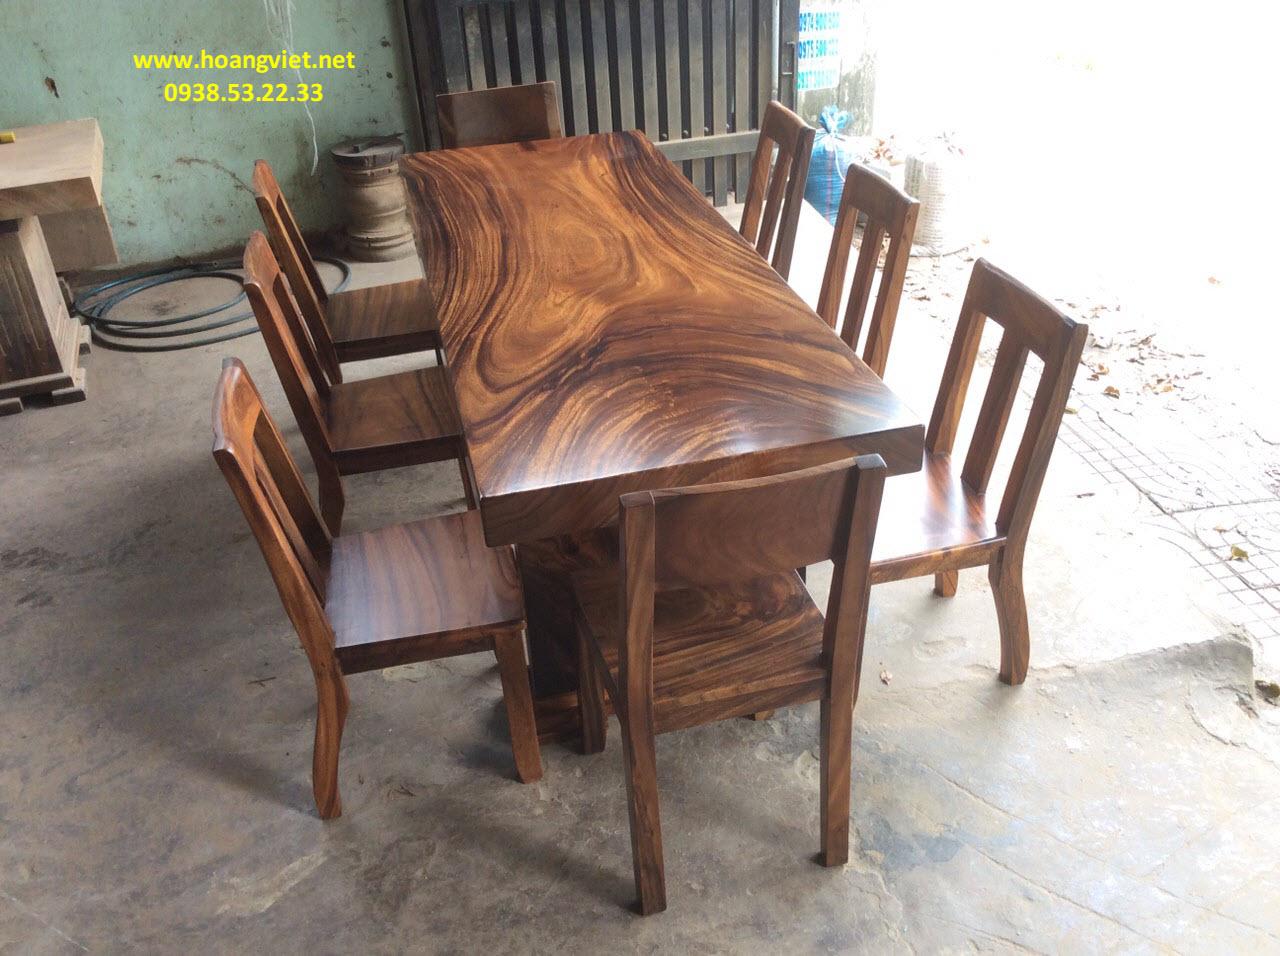 Vẻ đẹp kỳ điệu đáng kinh ngạc của bàn ghế gỗ nguyên khối.